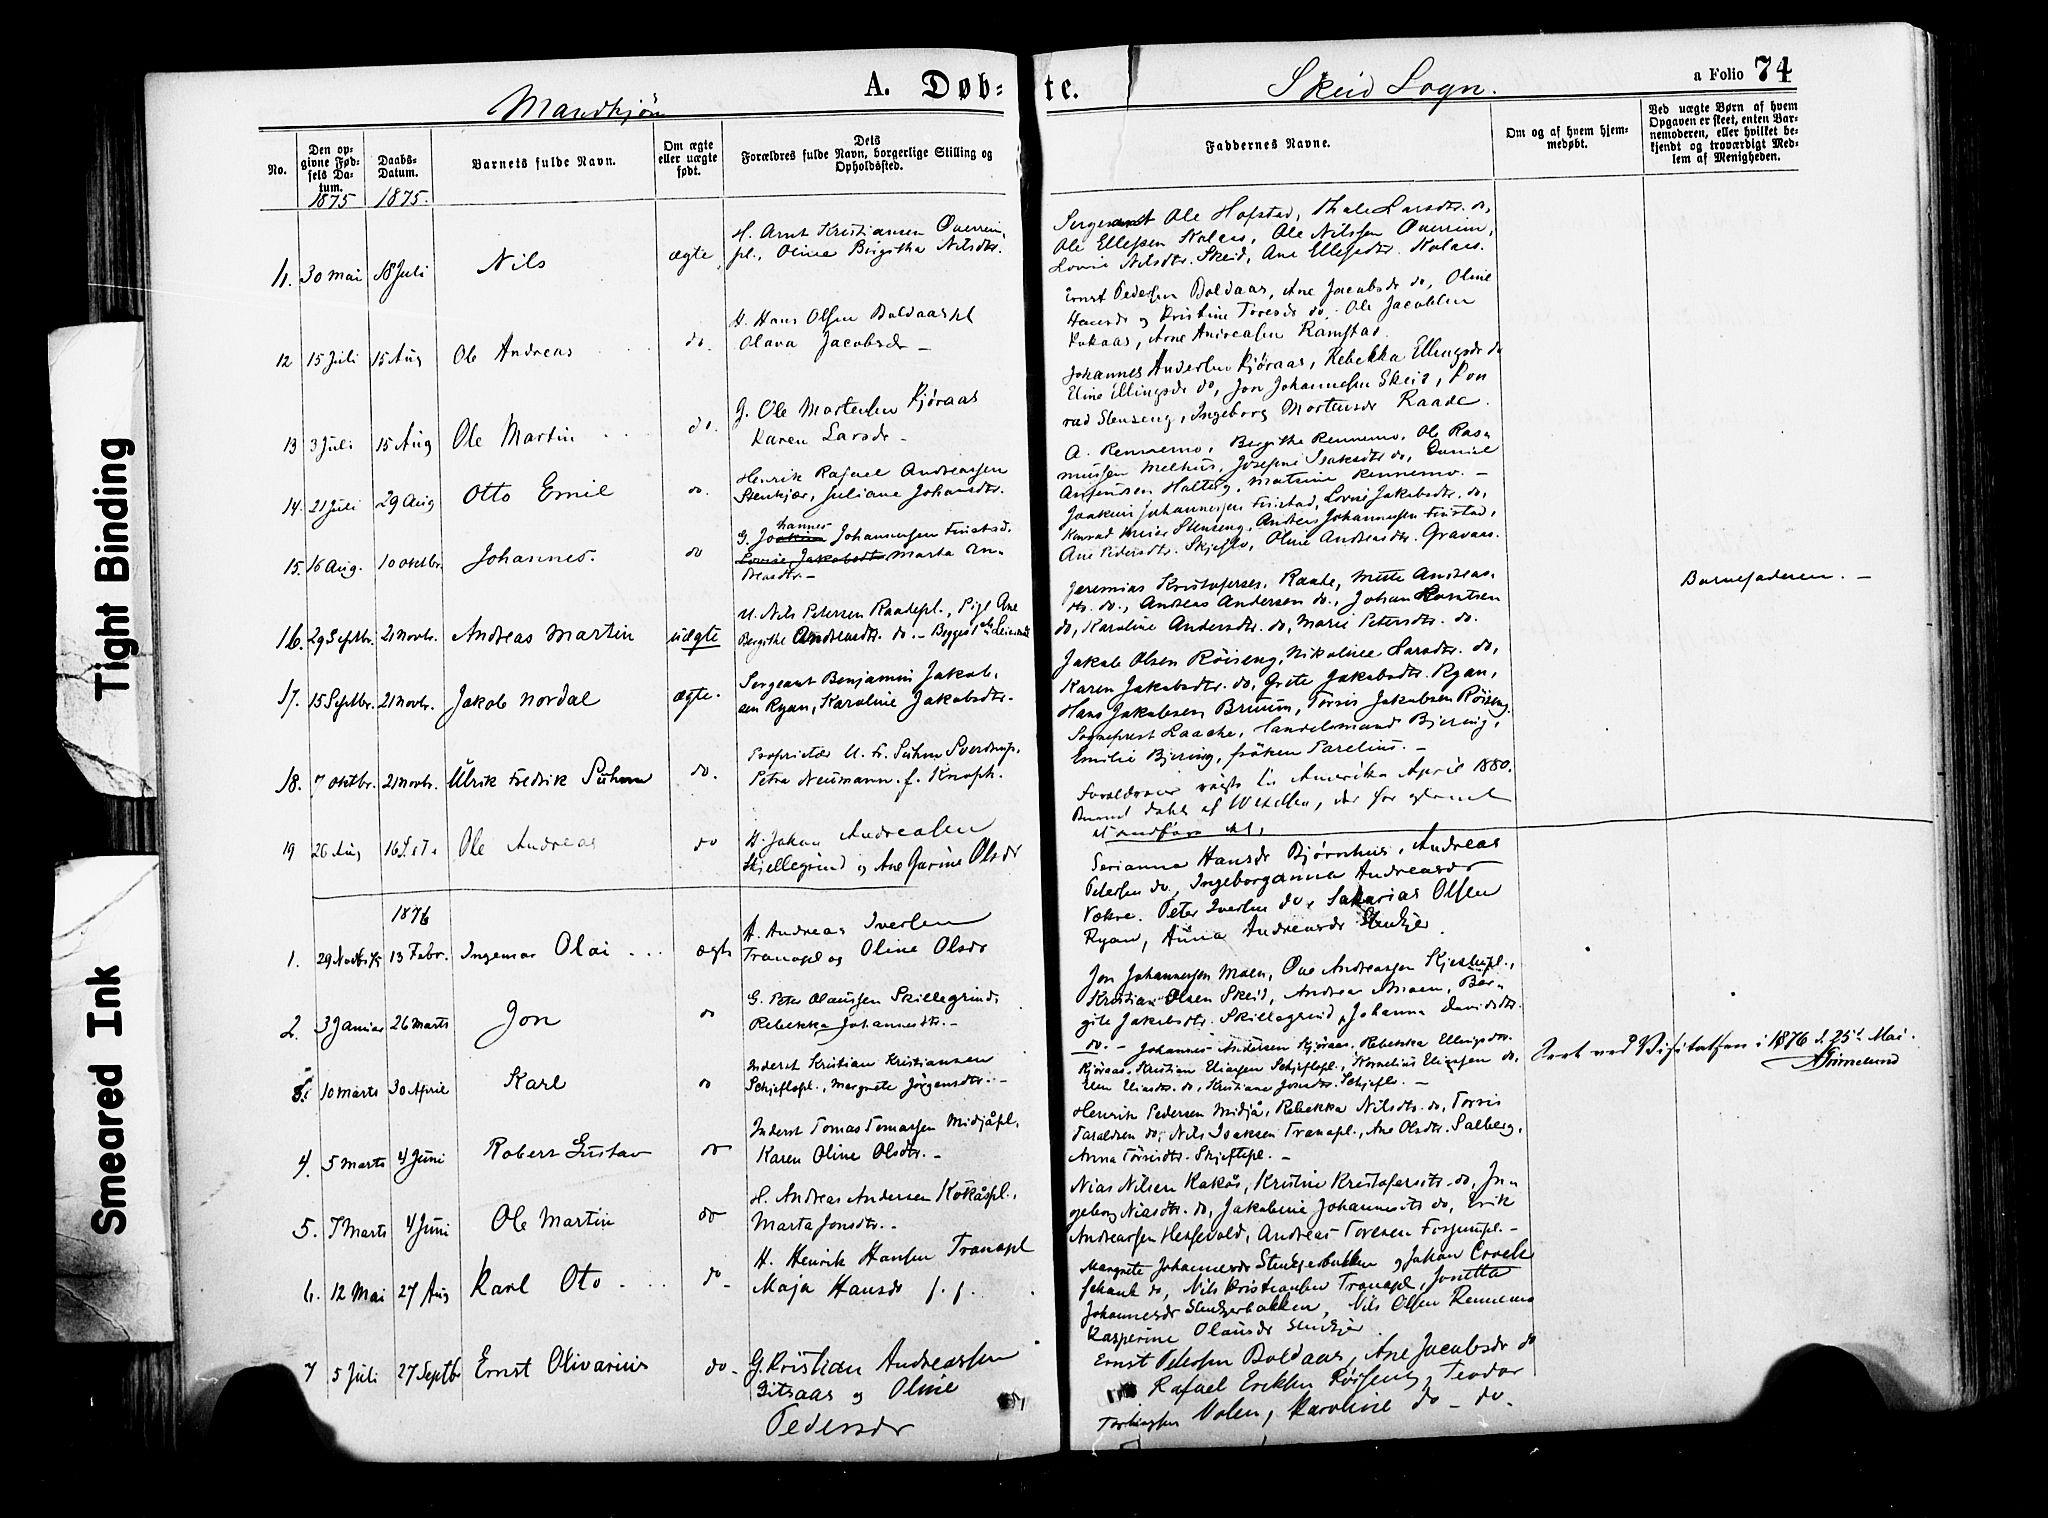 SAT, Ministerialprotokoller, klokkerbøker og fødselsregistre - Nord-Trøndelag, 735/L0348: Ministerialbok nr. 735A09 /2, 1873-1883, s. 74